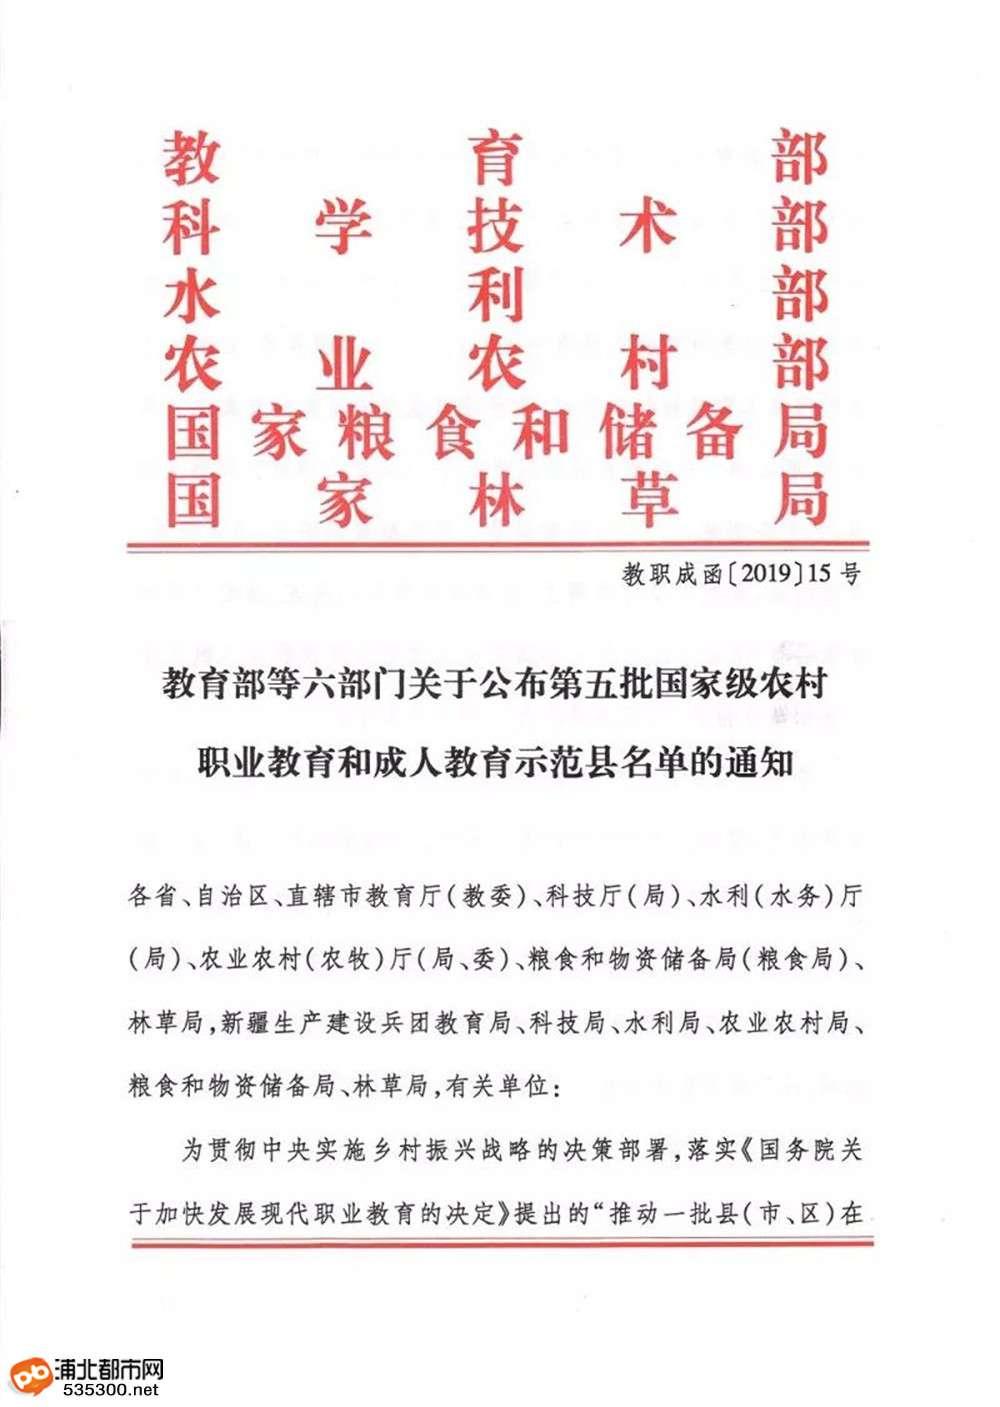 """浦北县成功创建""""第五批国家级农村职业教育和成人教育示范县"""""""